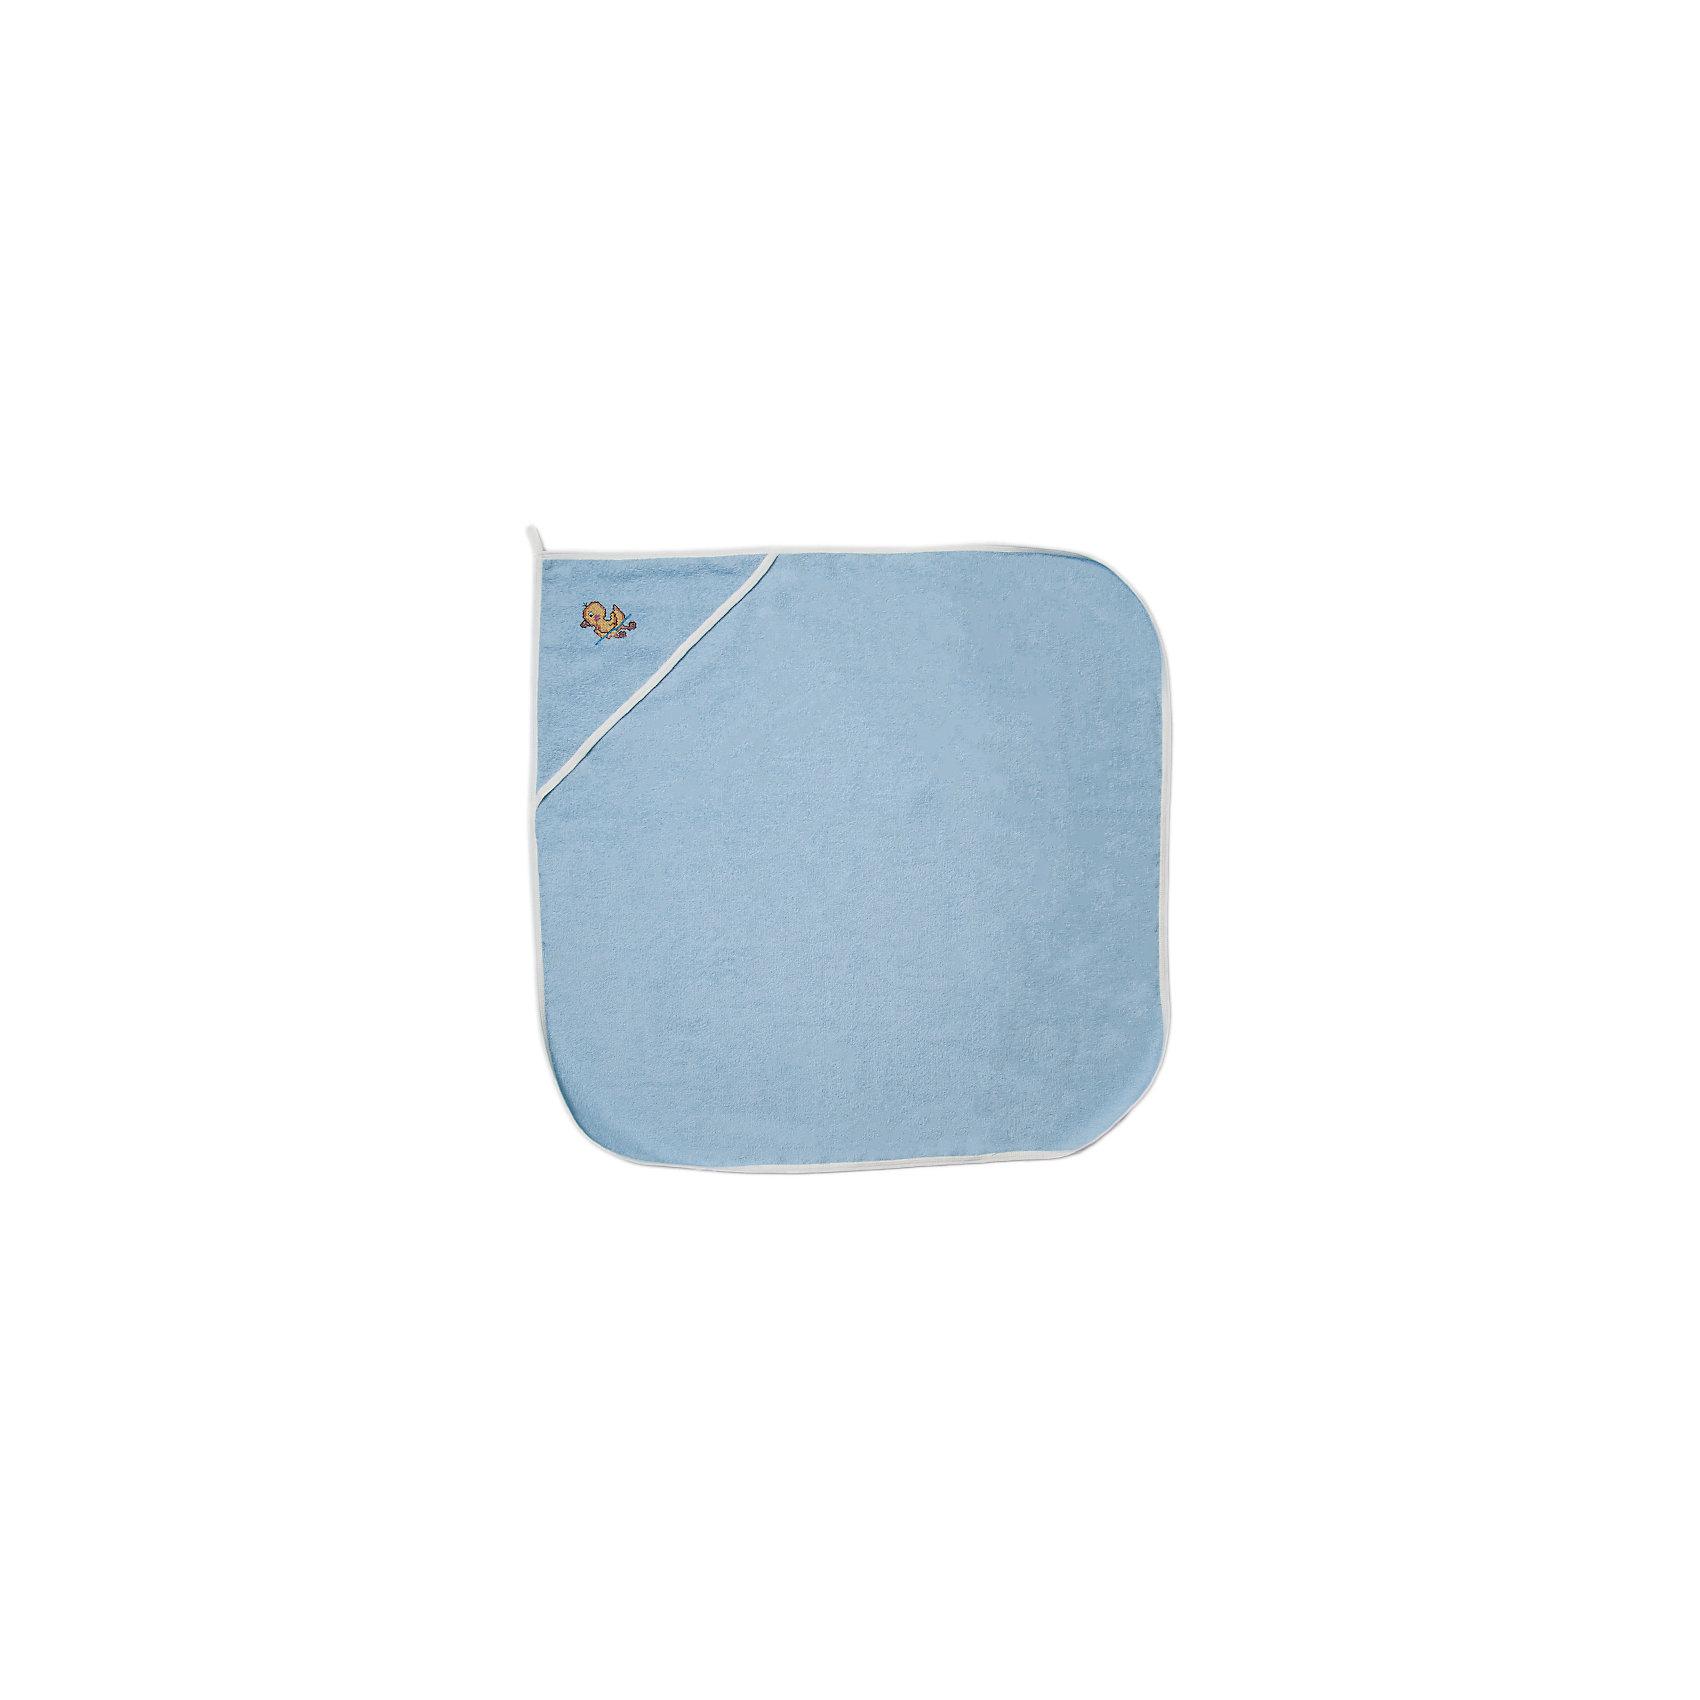 Пелёнка махровая для купания, Сонный гномик, голубойКомплектация: Пеленка<br>Размер, см: 75х75<br>Материал верха: Махровое полотно (100% Хлопок)<br>Материал основы: Махровое полотно (100% Хлопок)<br><br>Ширина мм: 75<br>Глубина мм: 75<br>Высота мм: 9999<br>Вес г: 280<br>Возраст от месяцев: 0<br>Возраст до месяцев: 48<br>Пол: Мужской<br>Возраст: Детский<br>SKU: 4702539